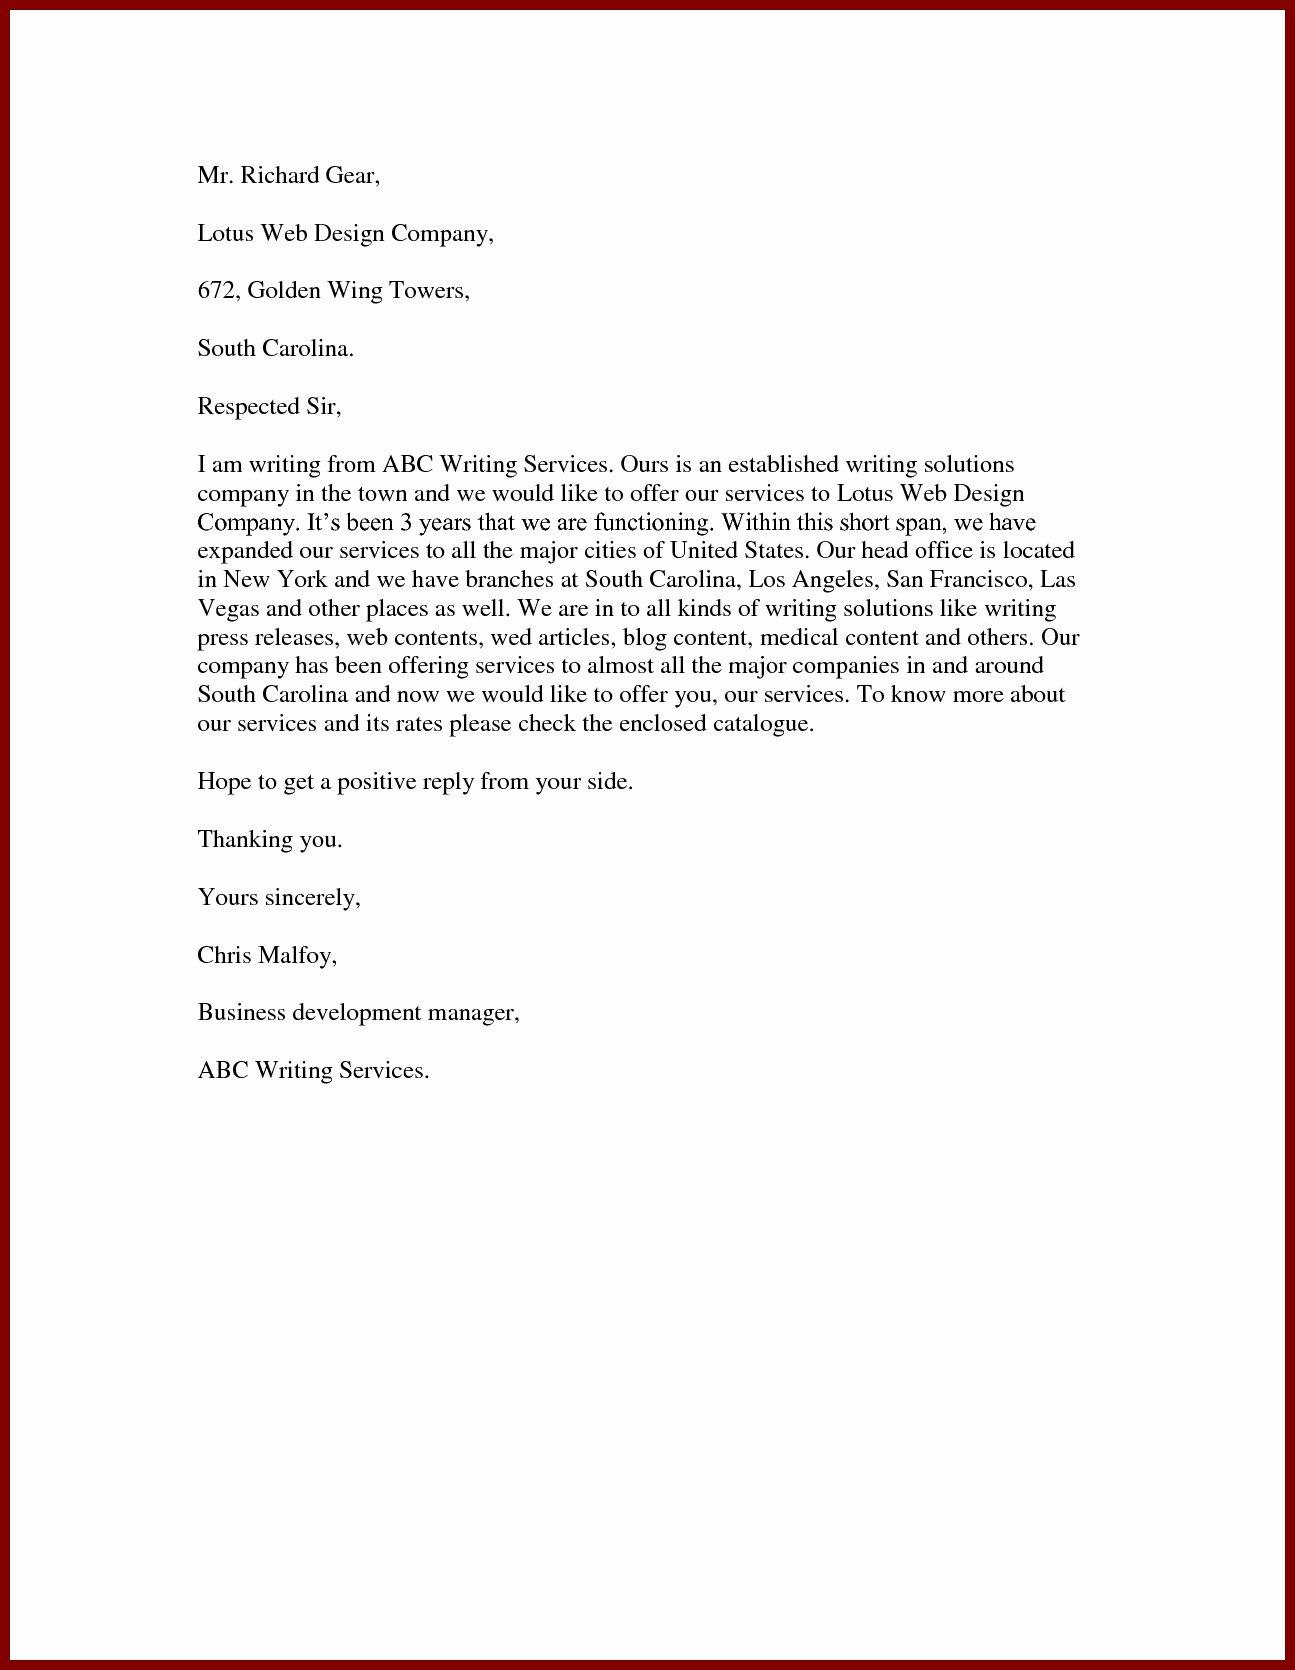 Sample Of Offer Letters Elegant Proposal Letter to Fer Services